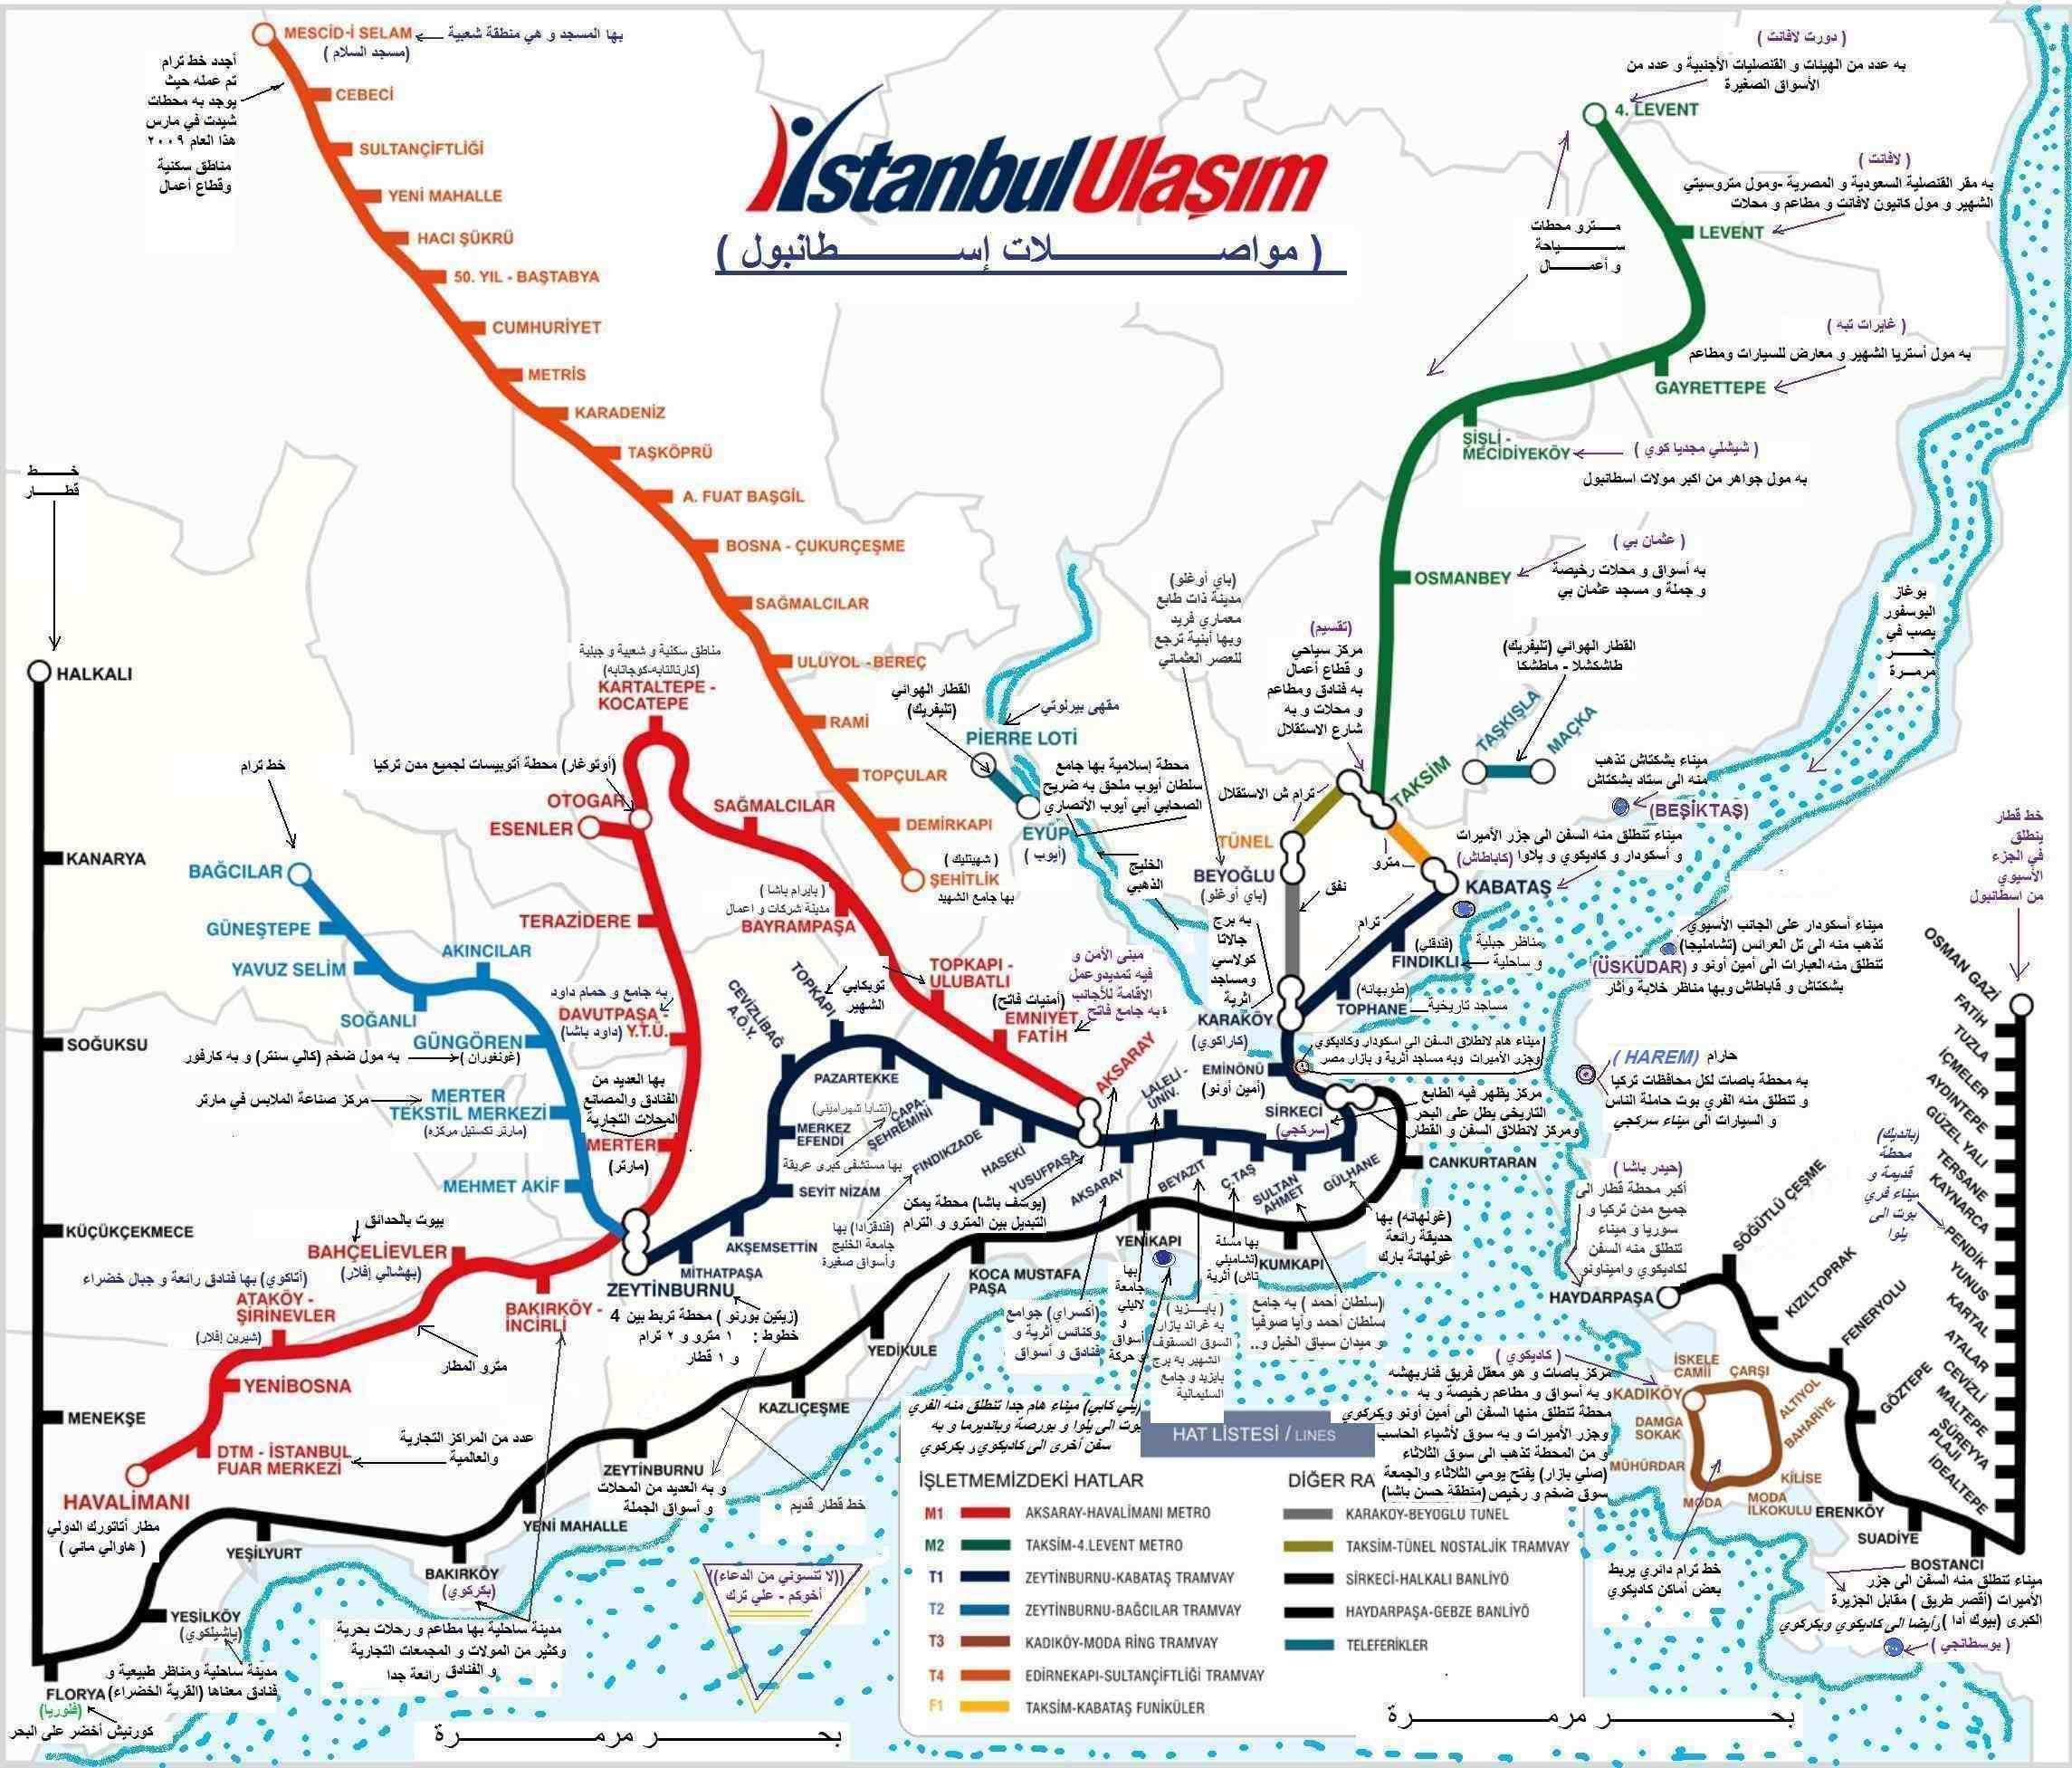 المترو و الترام في اسطنبول معلومات تهم السواح منتدى سفاري للسفر و السياحة Map Map Screenshot World